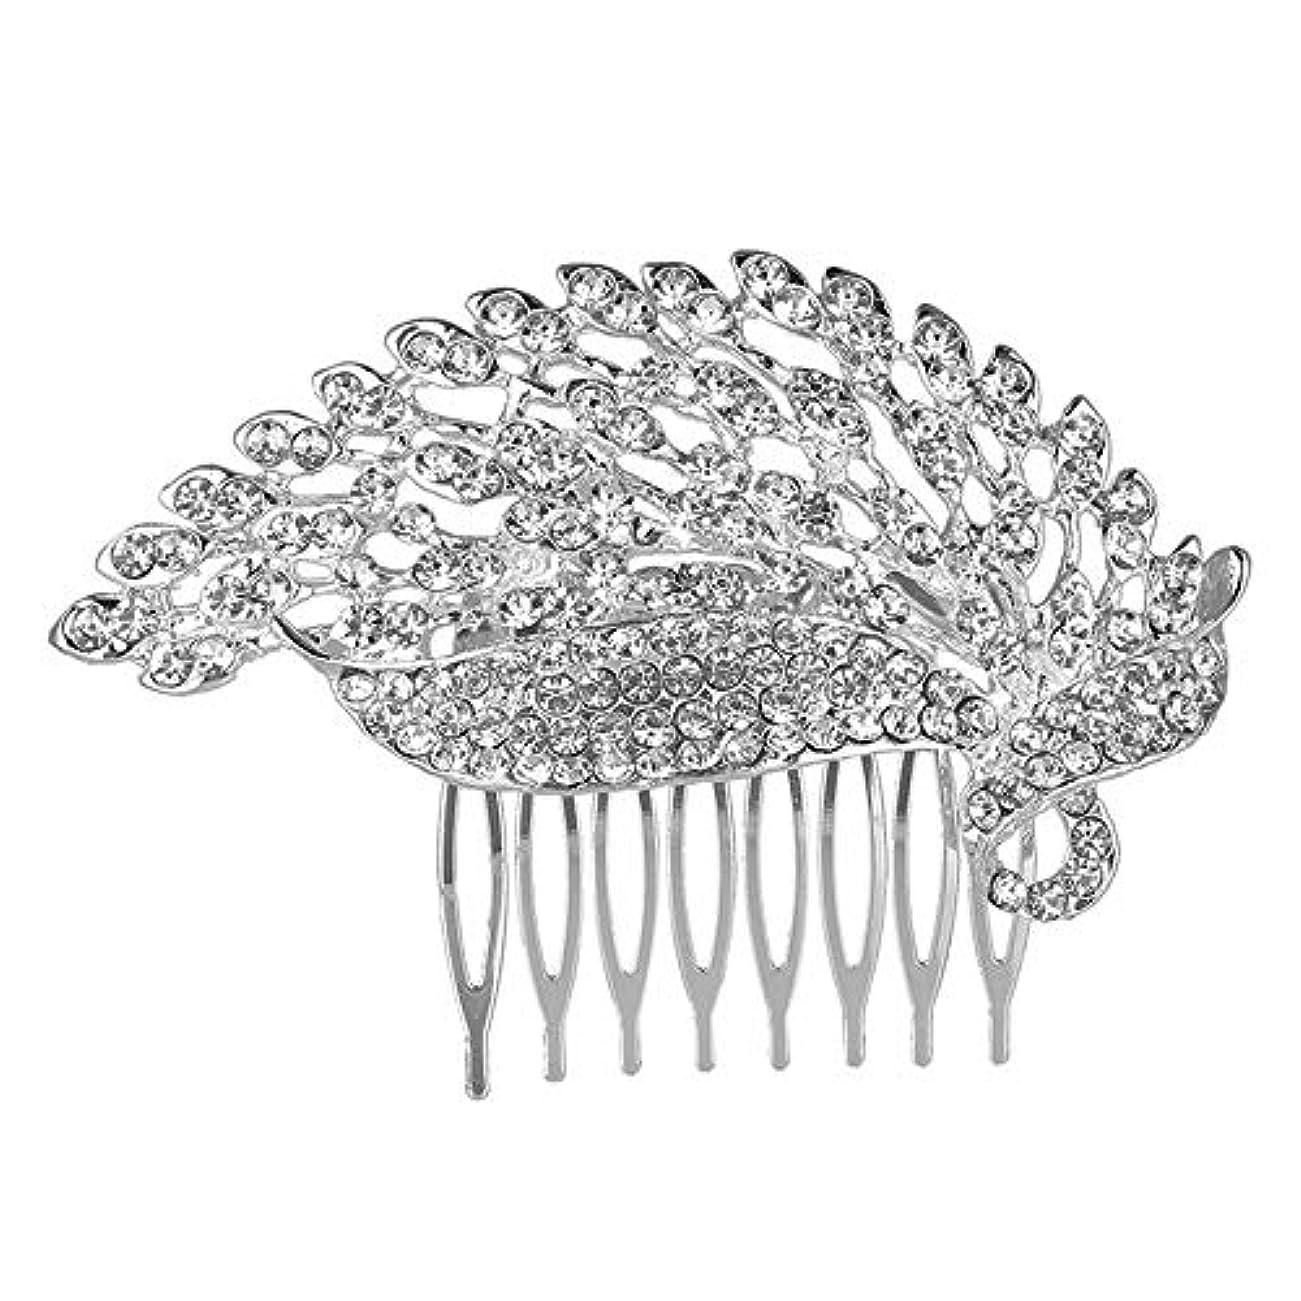 注入保全絞る髪の櫛の櫛の櫛の花嫁の櫛の櫛の櫛の花嫁の頭飾りの結婚式のアクセサリー合金